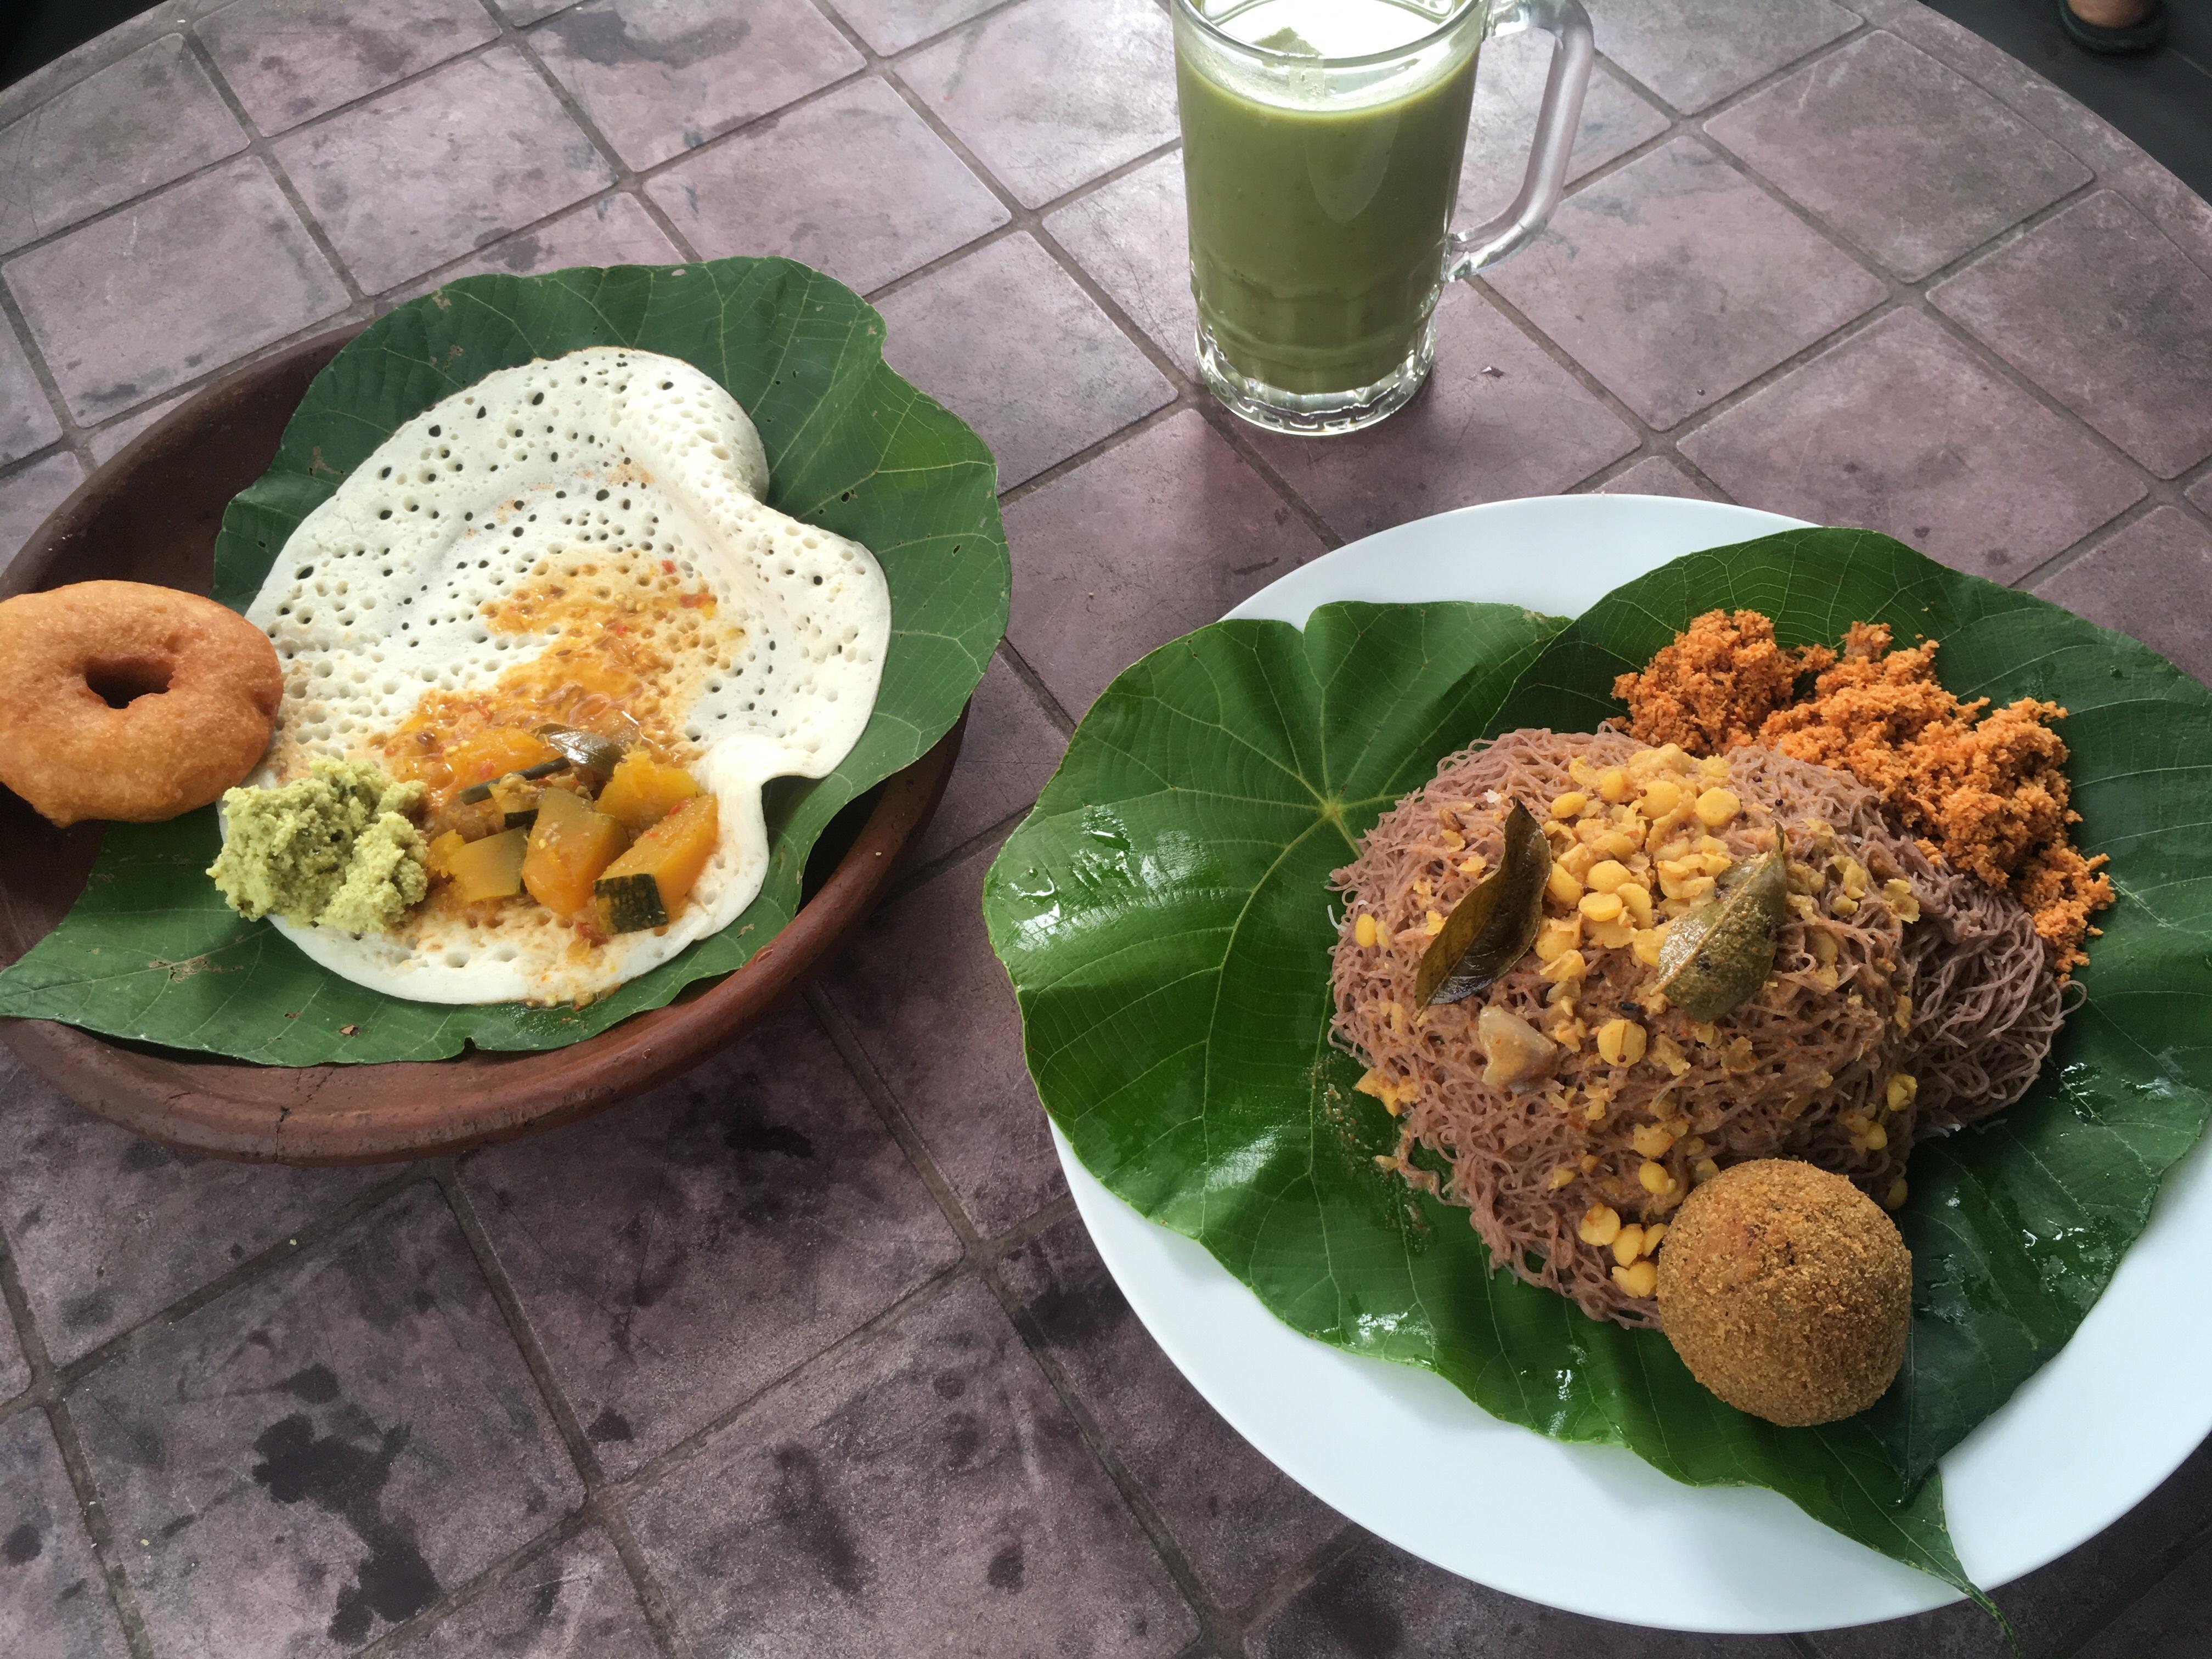 【スリランカ旅行⑤】グルメ篇~ローカルフード朝食